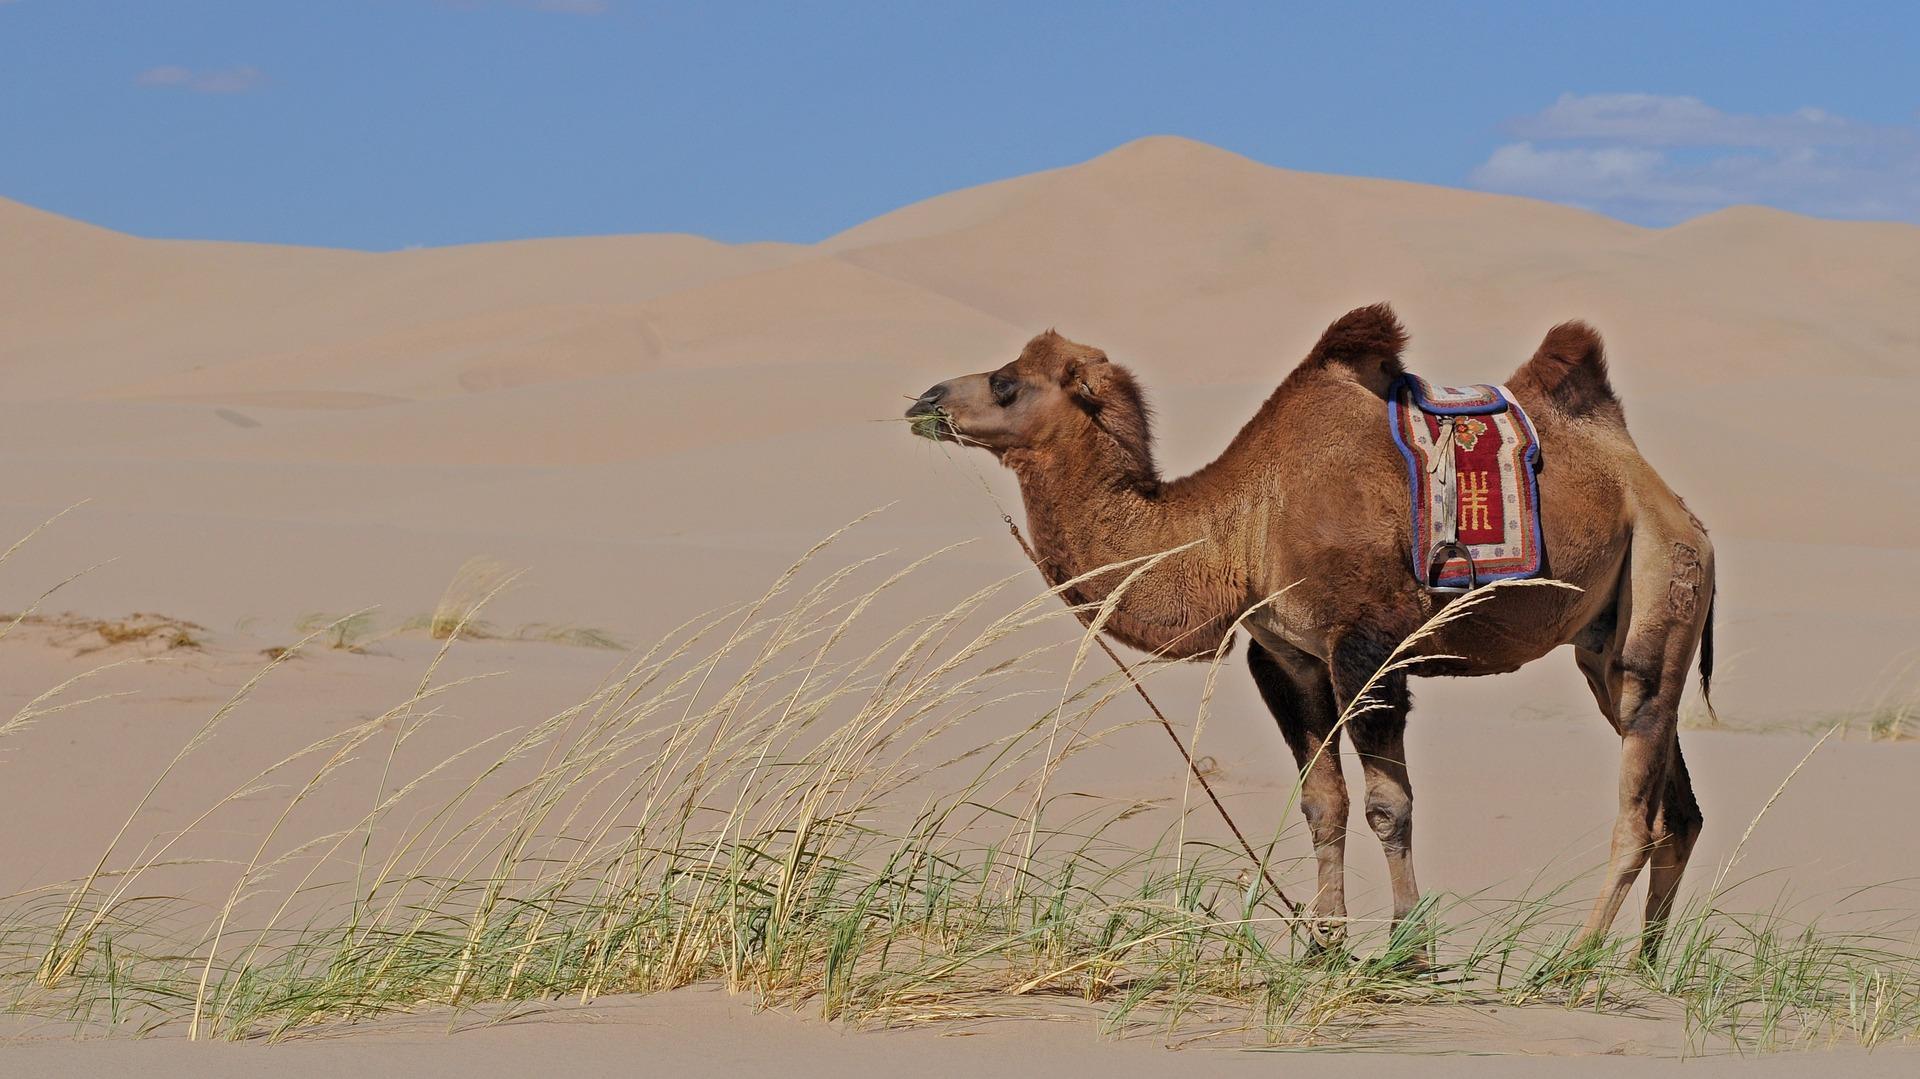 Суслики и верблюды использовали одинаковые мутации для адаптации к жаре